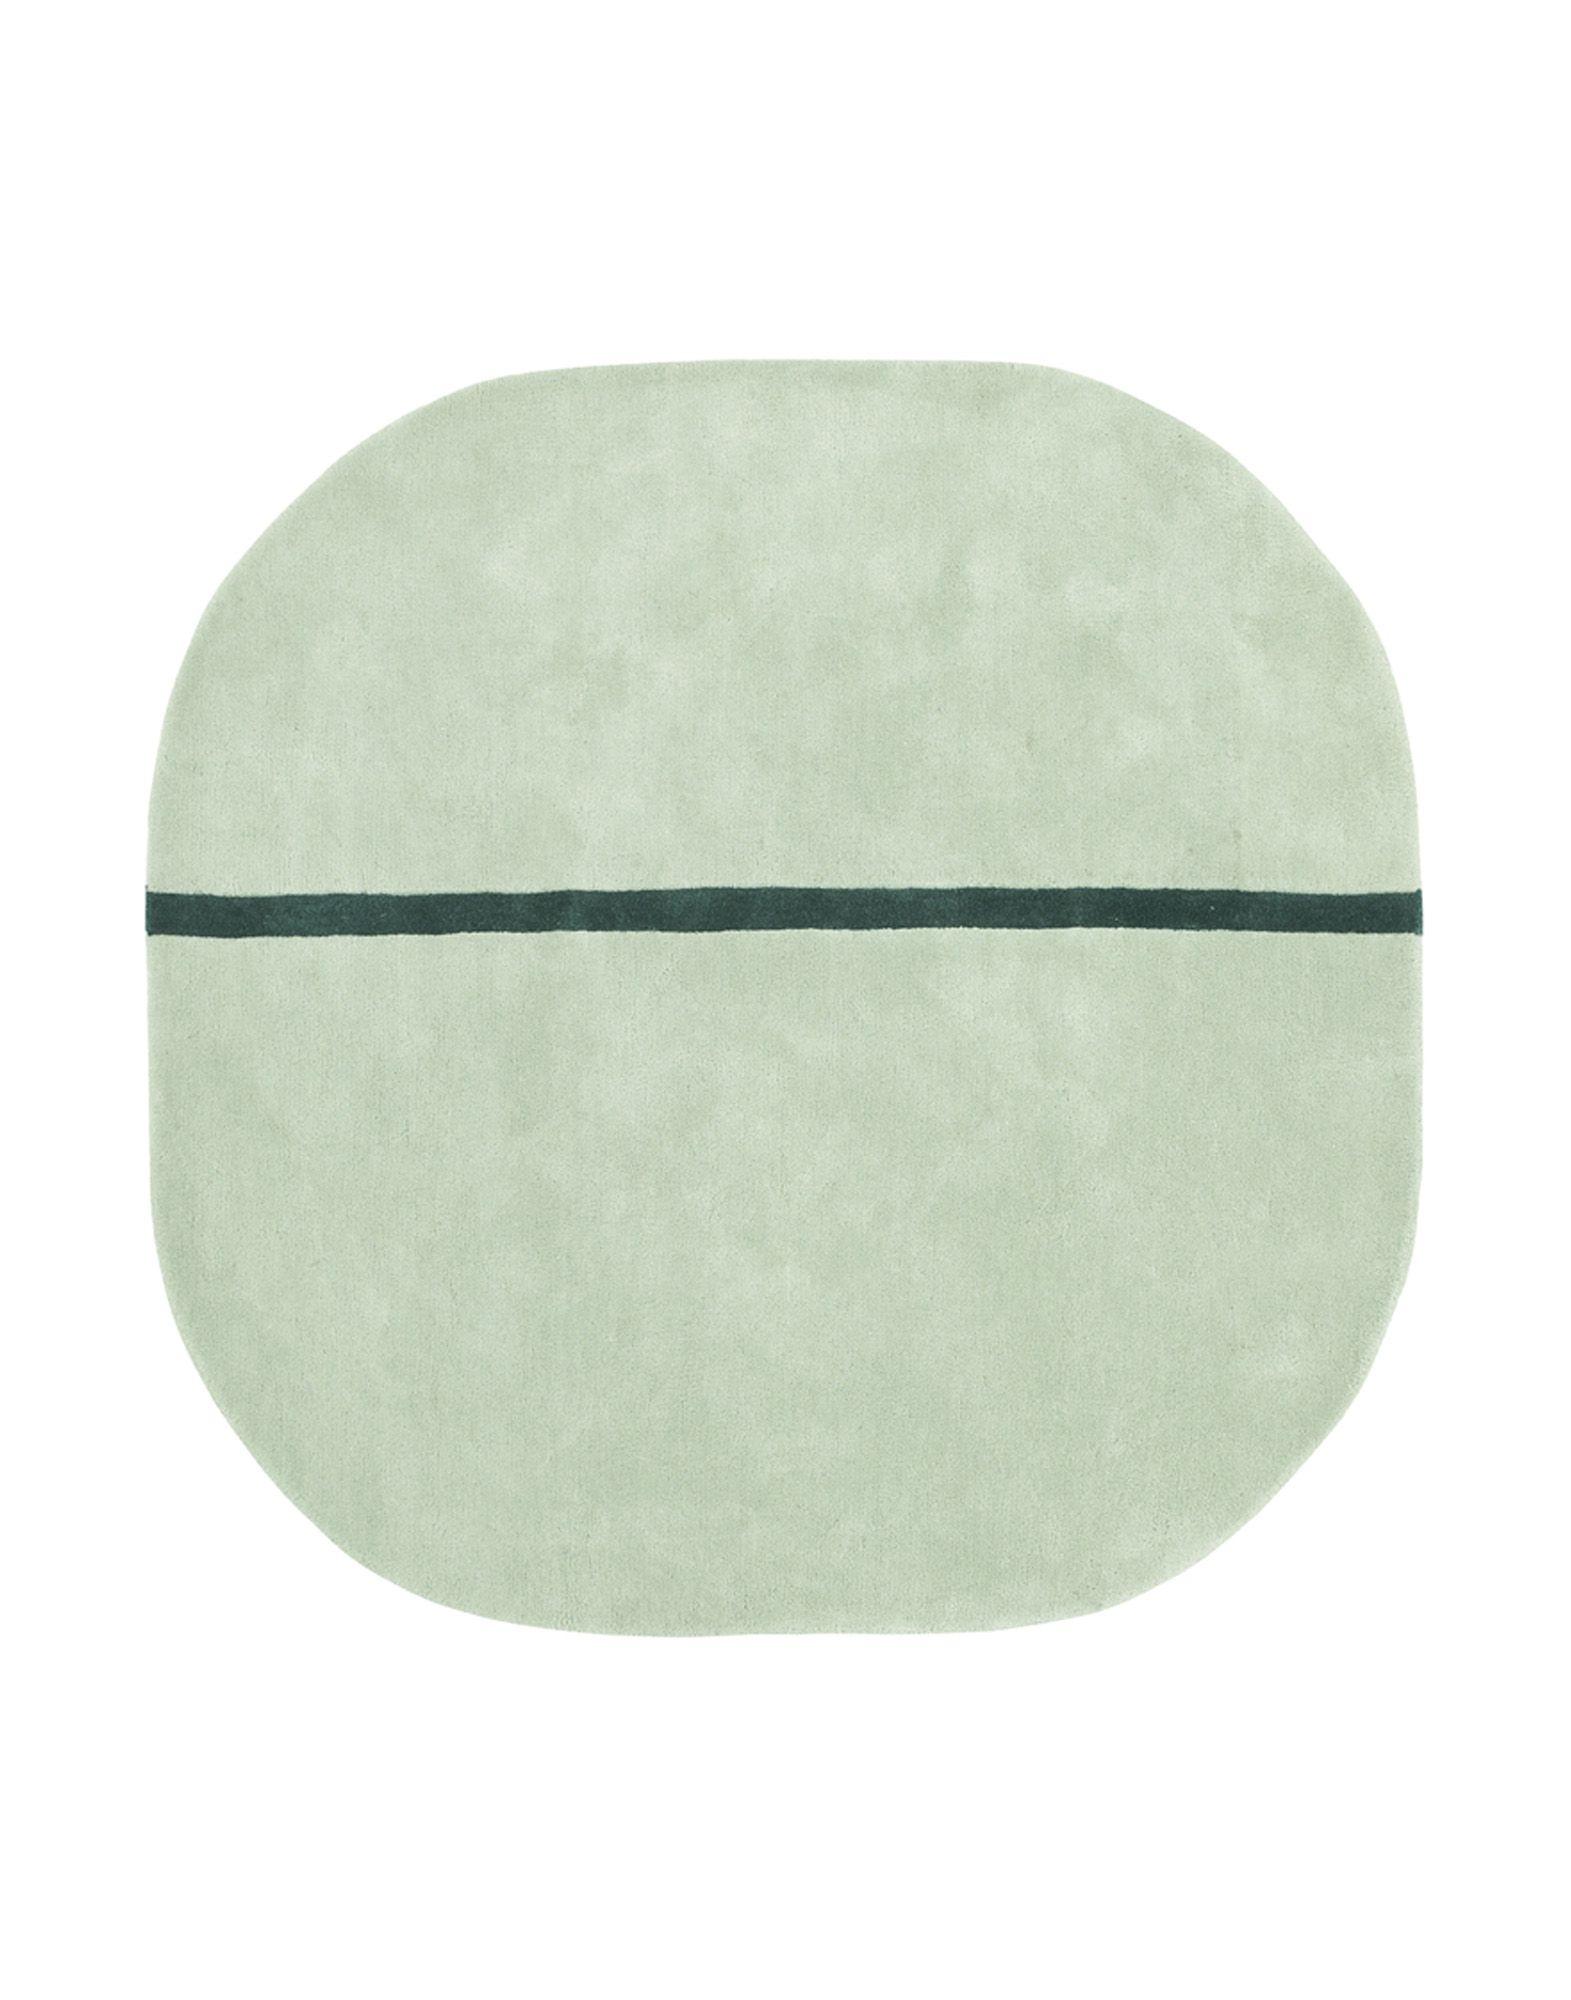 NORMANN COPENHAGEN Unisex Teppich Farbe (-) Größe 1